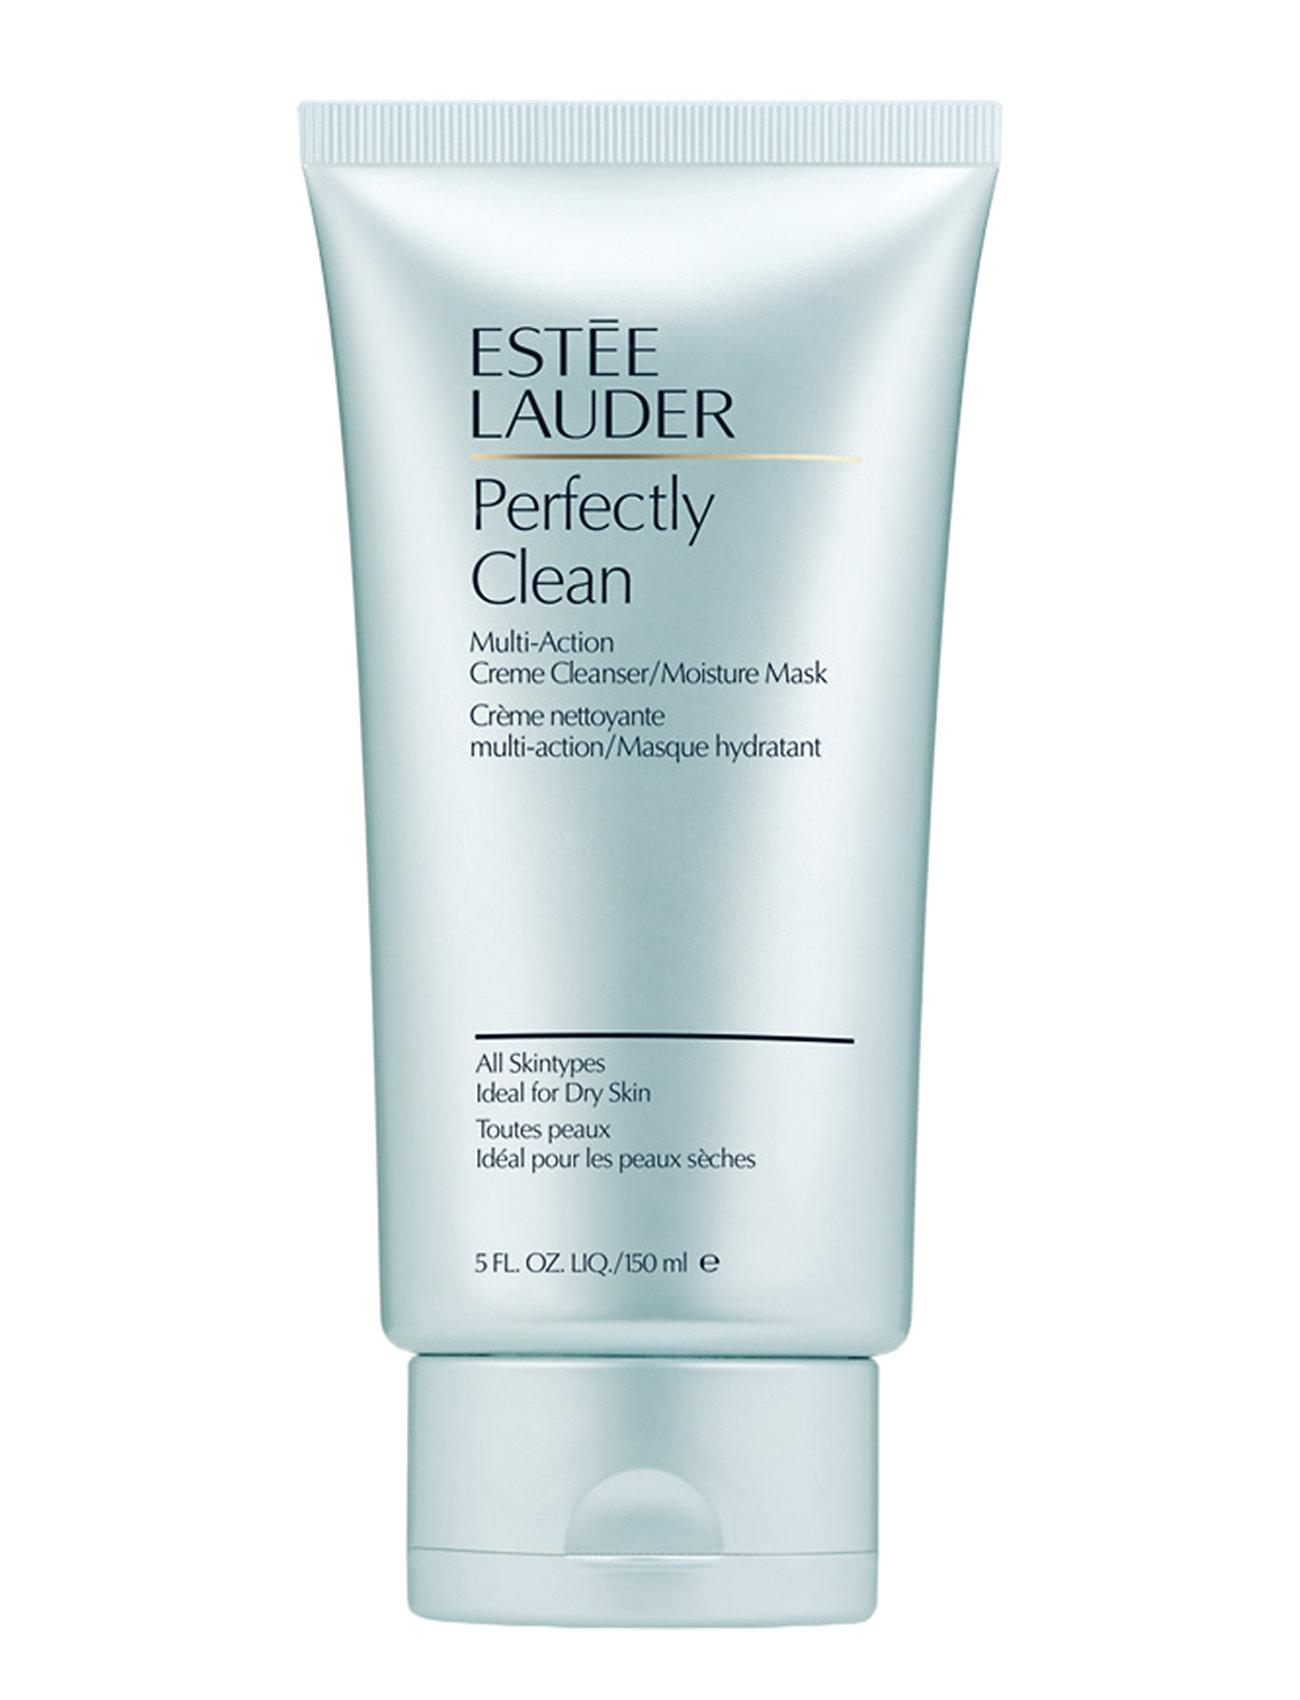 Perfectly Clean Creme Cleanser/Moisture Mask EstÈe Lauder  til Damer i Klar